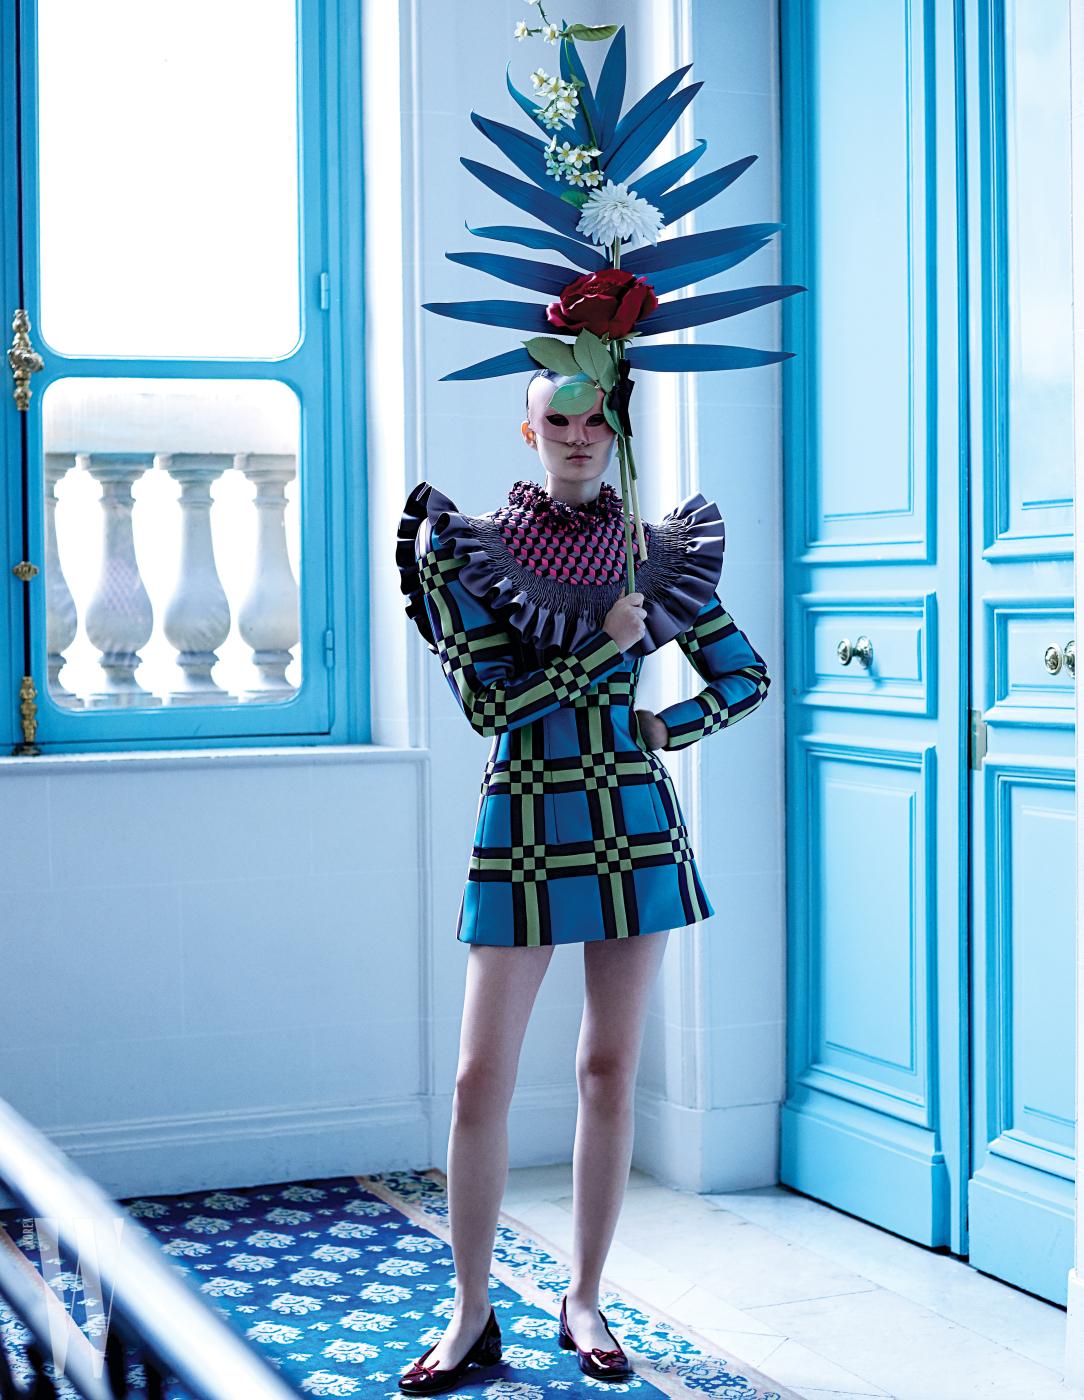 그래픽 무늬의 미니 드레스와 꽃으로 만든 가면은 Viktor & Rolf, 빨강 페이턴트 플랫 슈즈는 Repetto 제품.